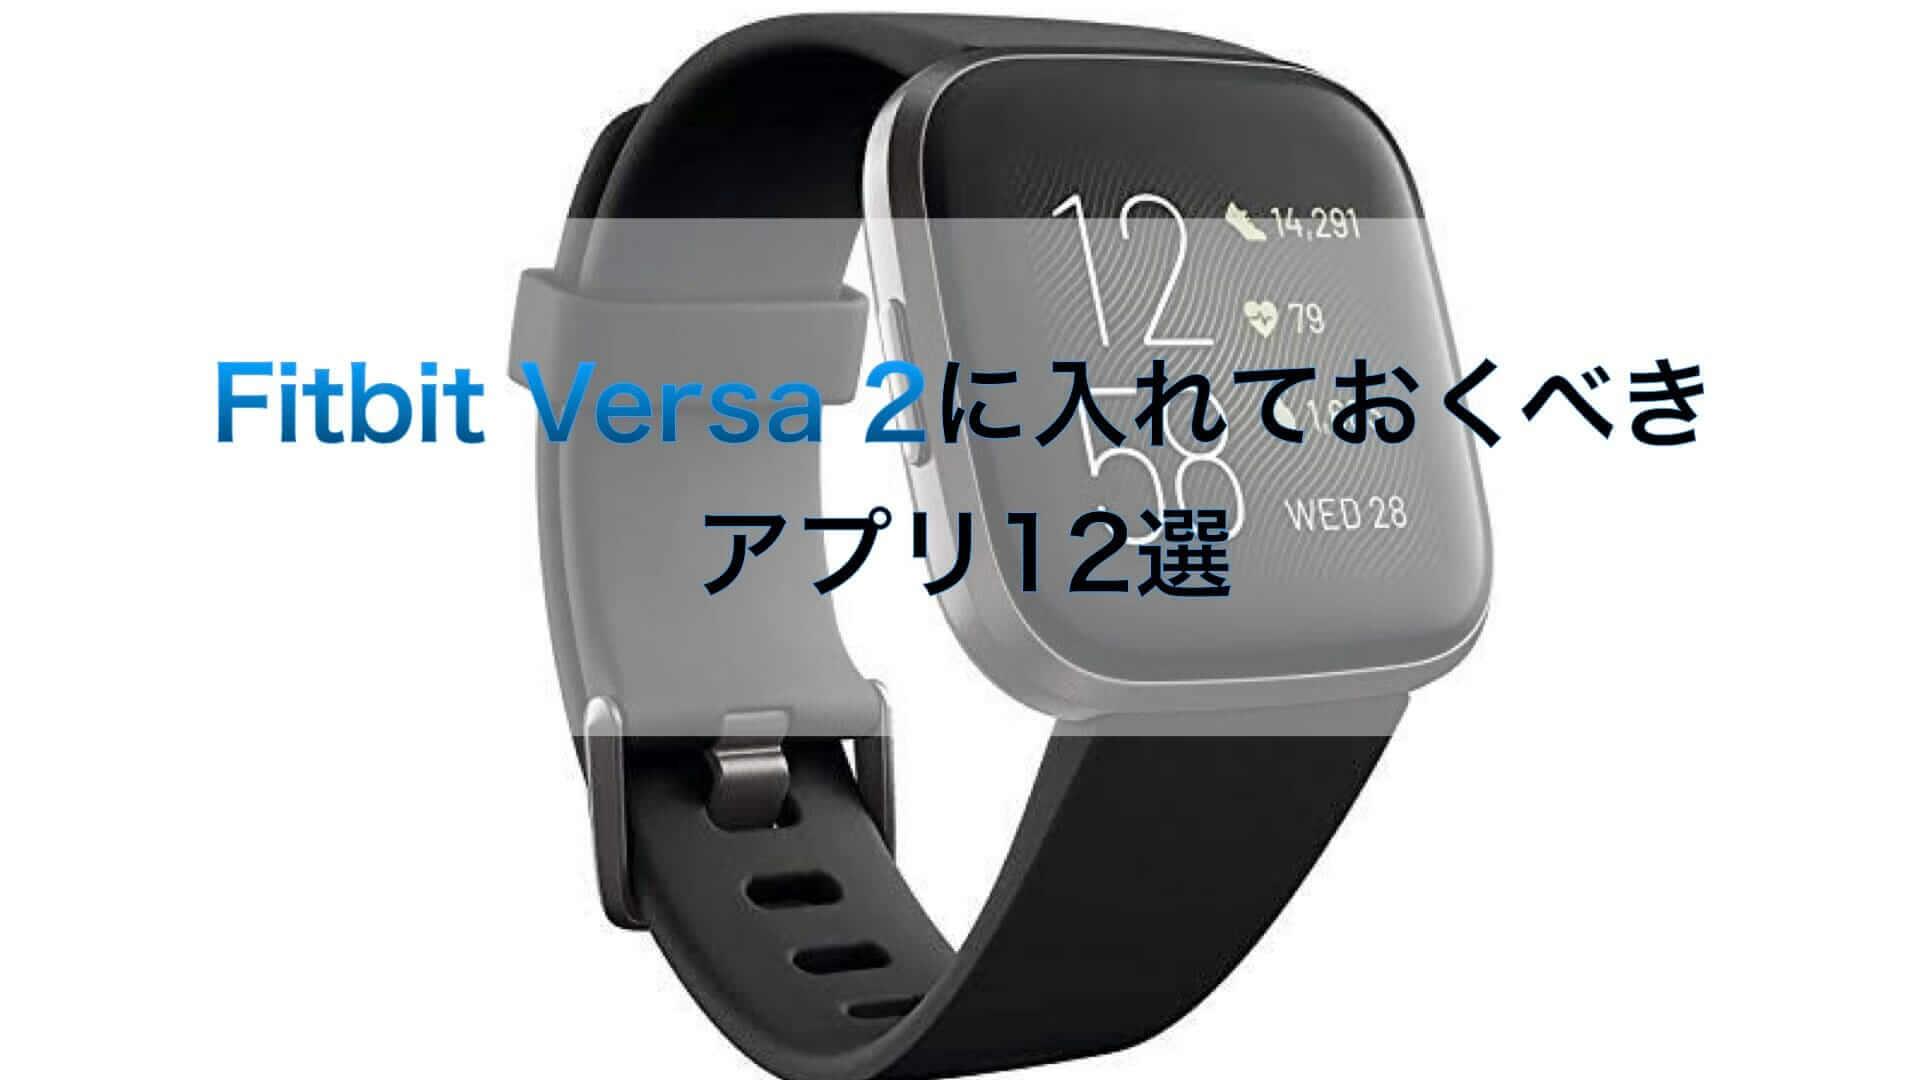 Fitbitおすすめアプリ:Fitbit Versa 2に入れておくべきアプリ12選